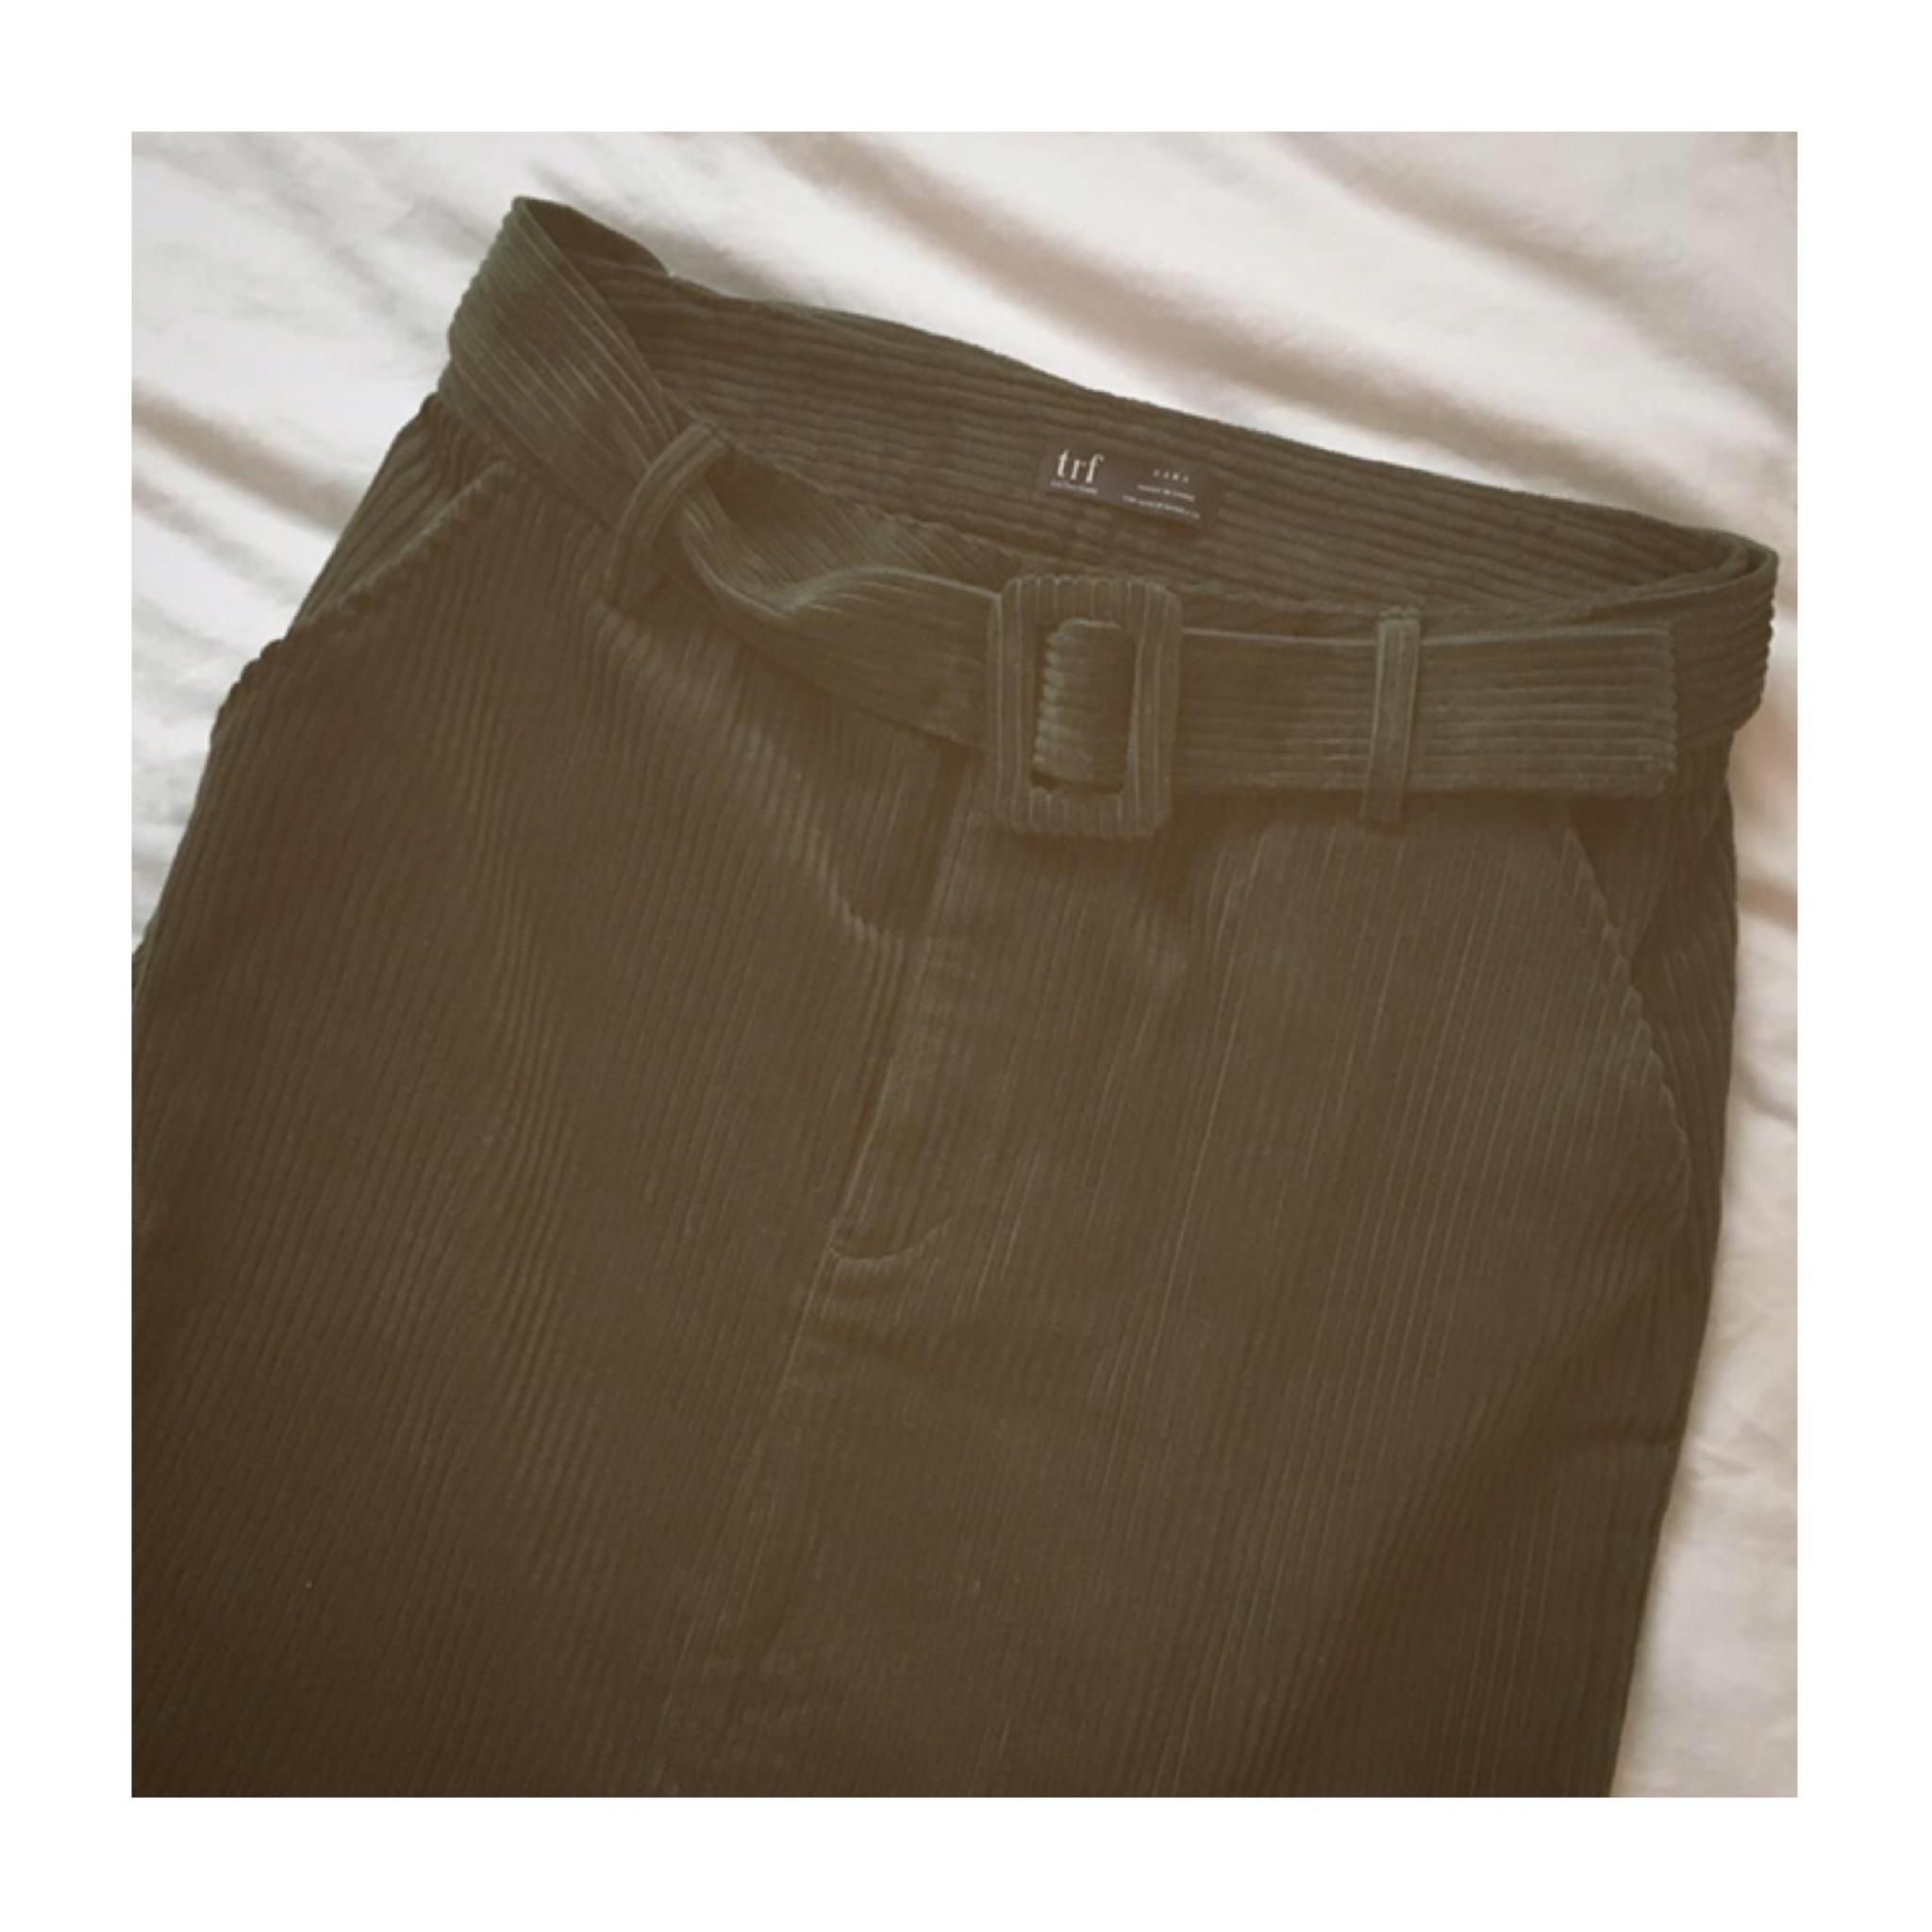 今季1着は欲しい《トレンドのスカートはコレだ☝︎❤️》【ZARA】のコーデュロイタイトスカートが使えます☻_2